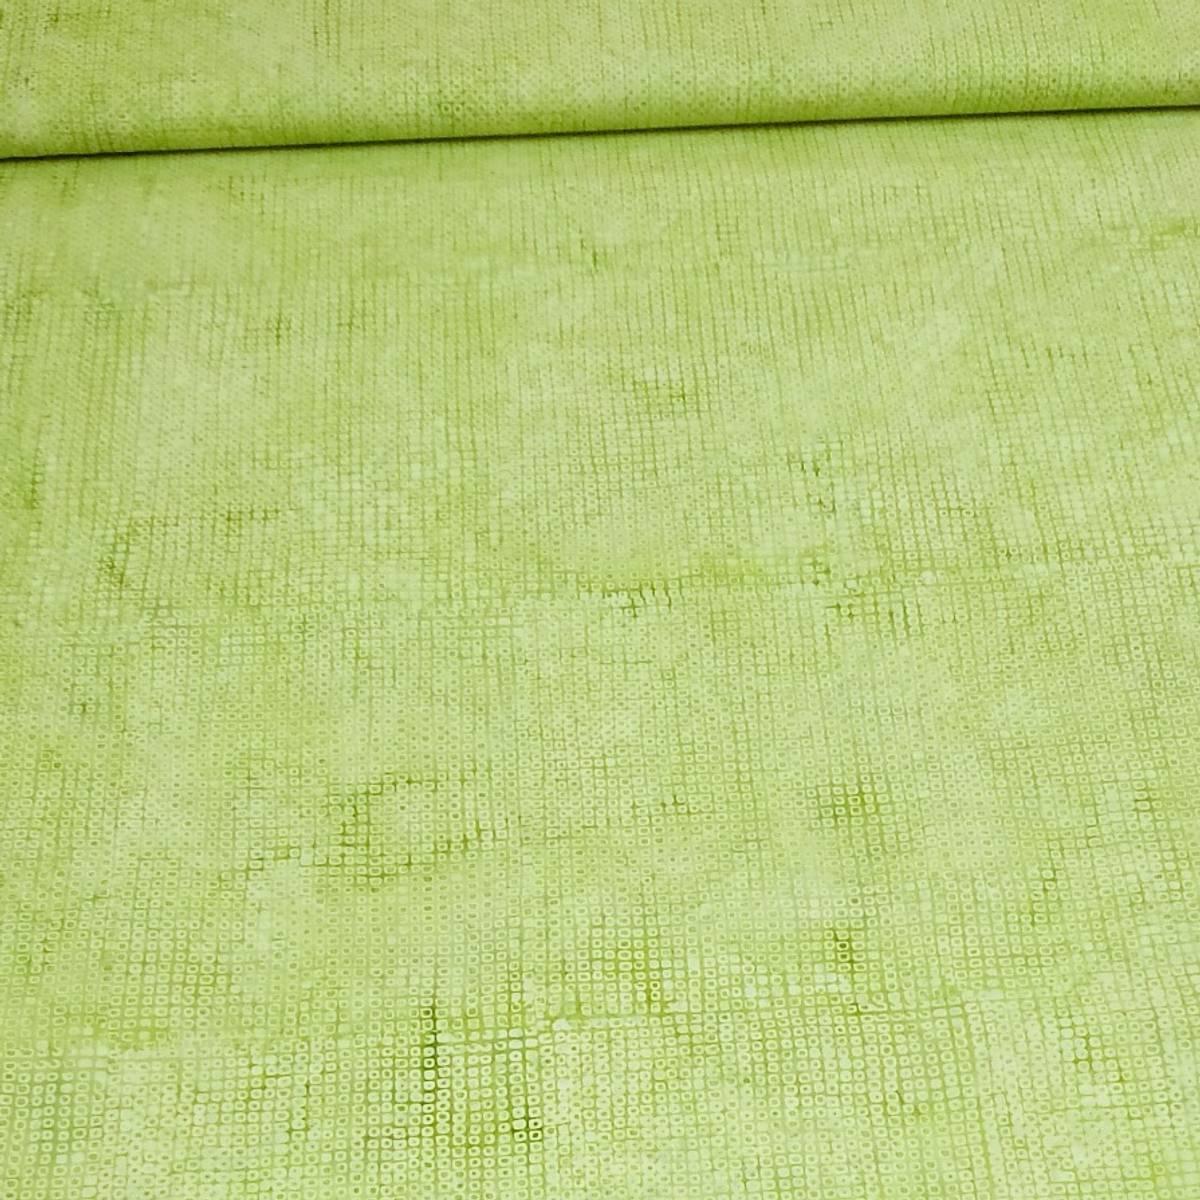 Batikk - lysgrønne 5 mm kvadrater